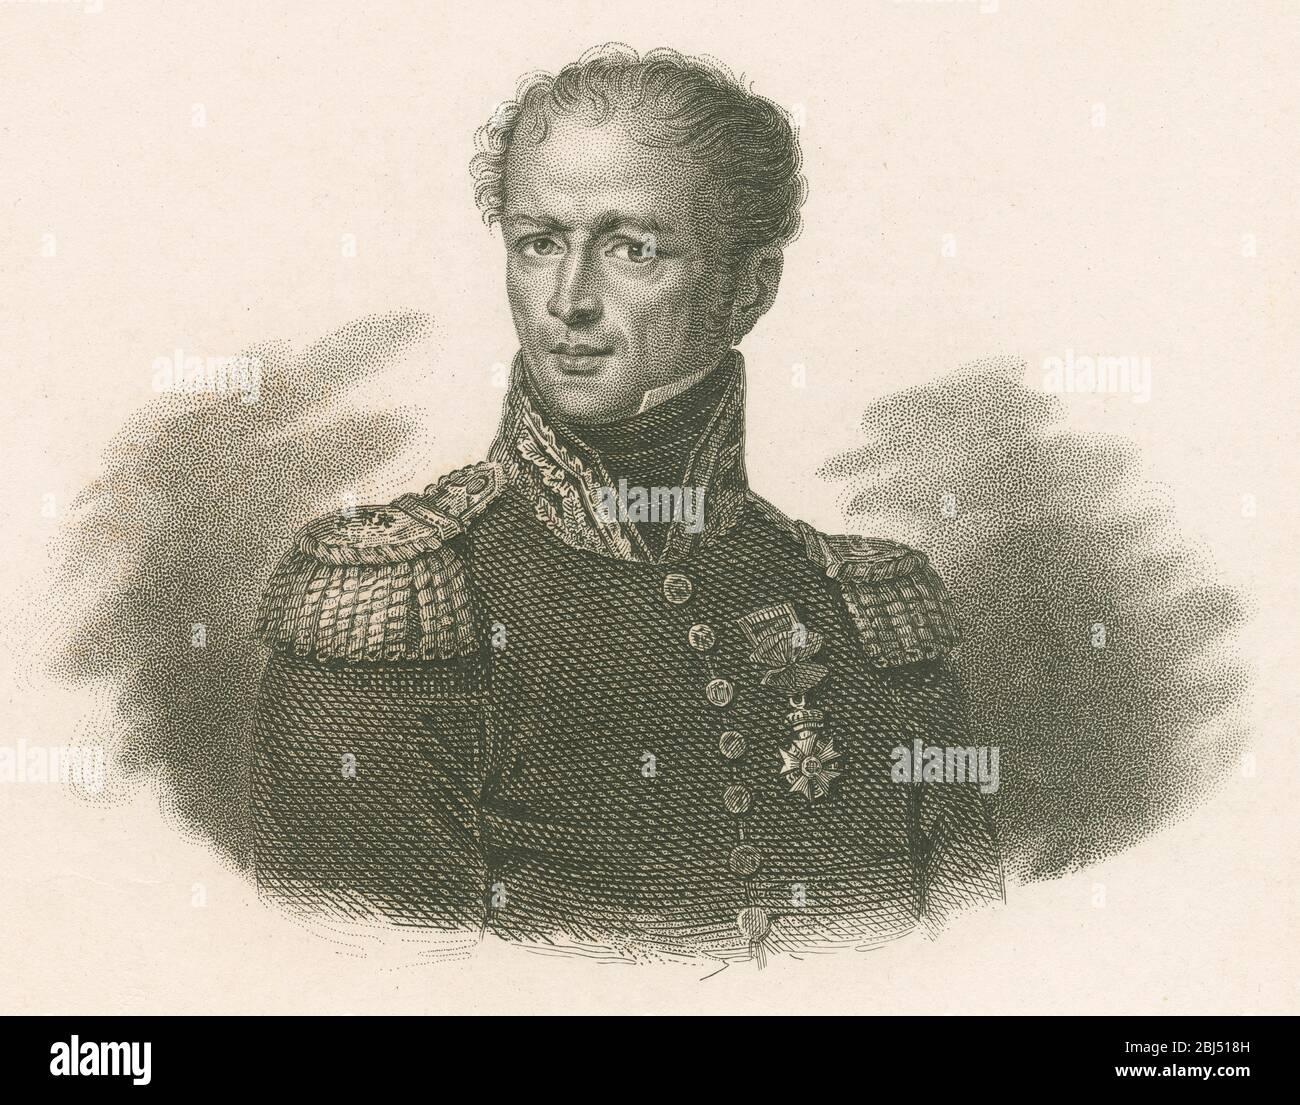 Grabado antiguo, Antoine Drouot. El general Antoine Drouot, Comte Drout (1774-1847) fue un oficial francés que luchó en las guerras de la Revolución Francesa y de Napoleón. FUENTE: GRABADO ORIGINAL Foto de stock